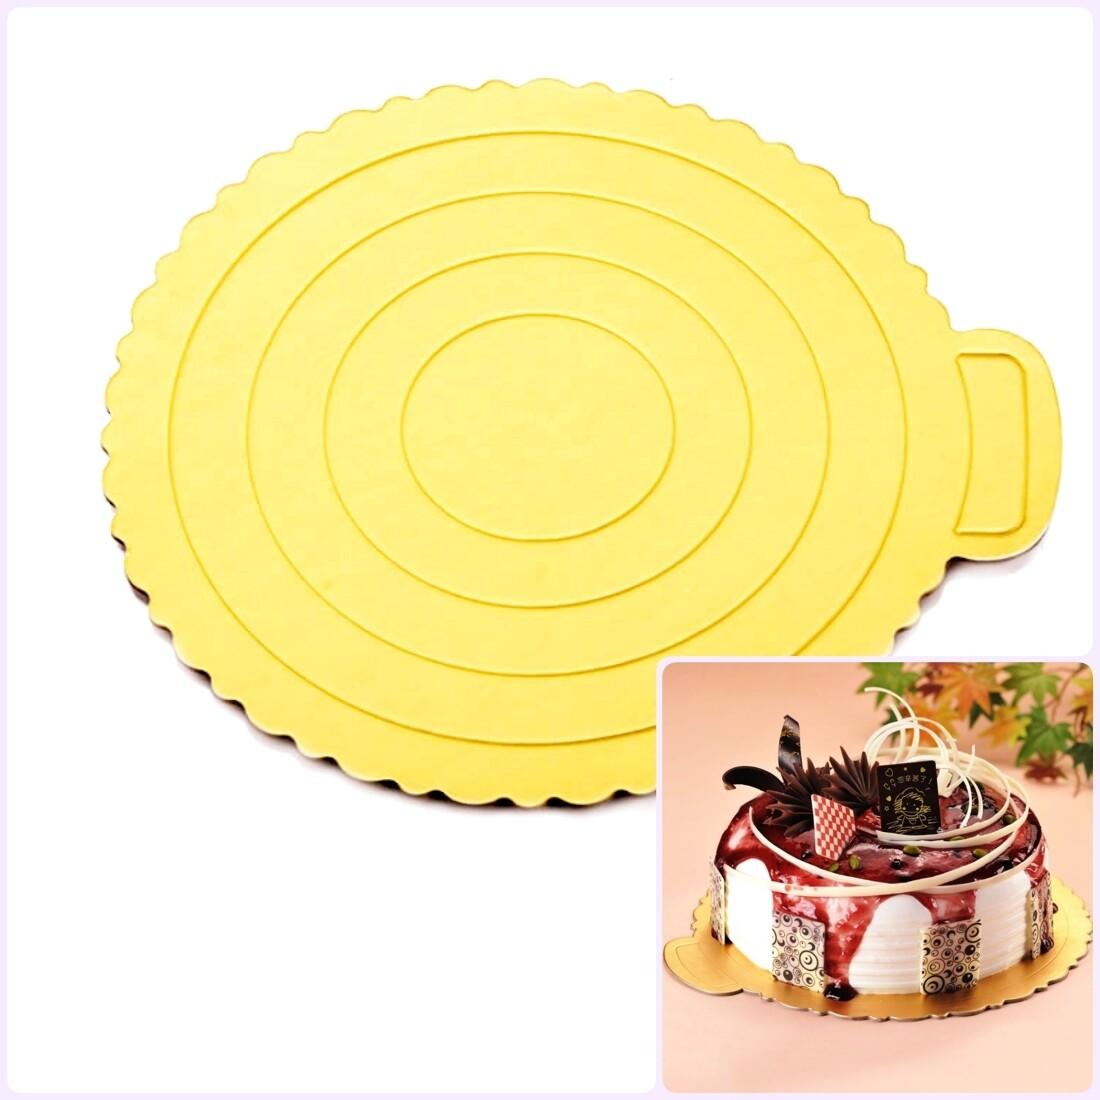 Подложка под торт золото толщина 1.5 мм Ø 16-29 см   упак. 10 шт